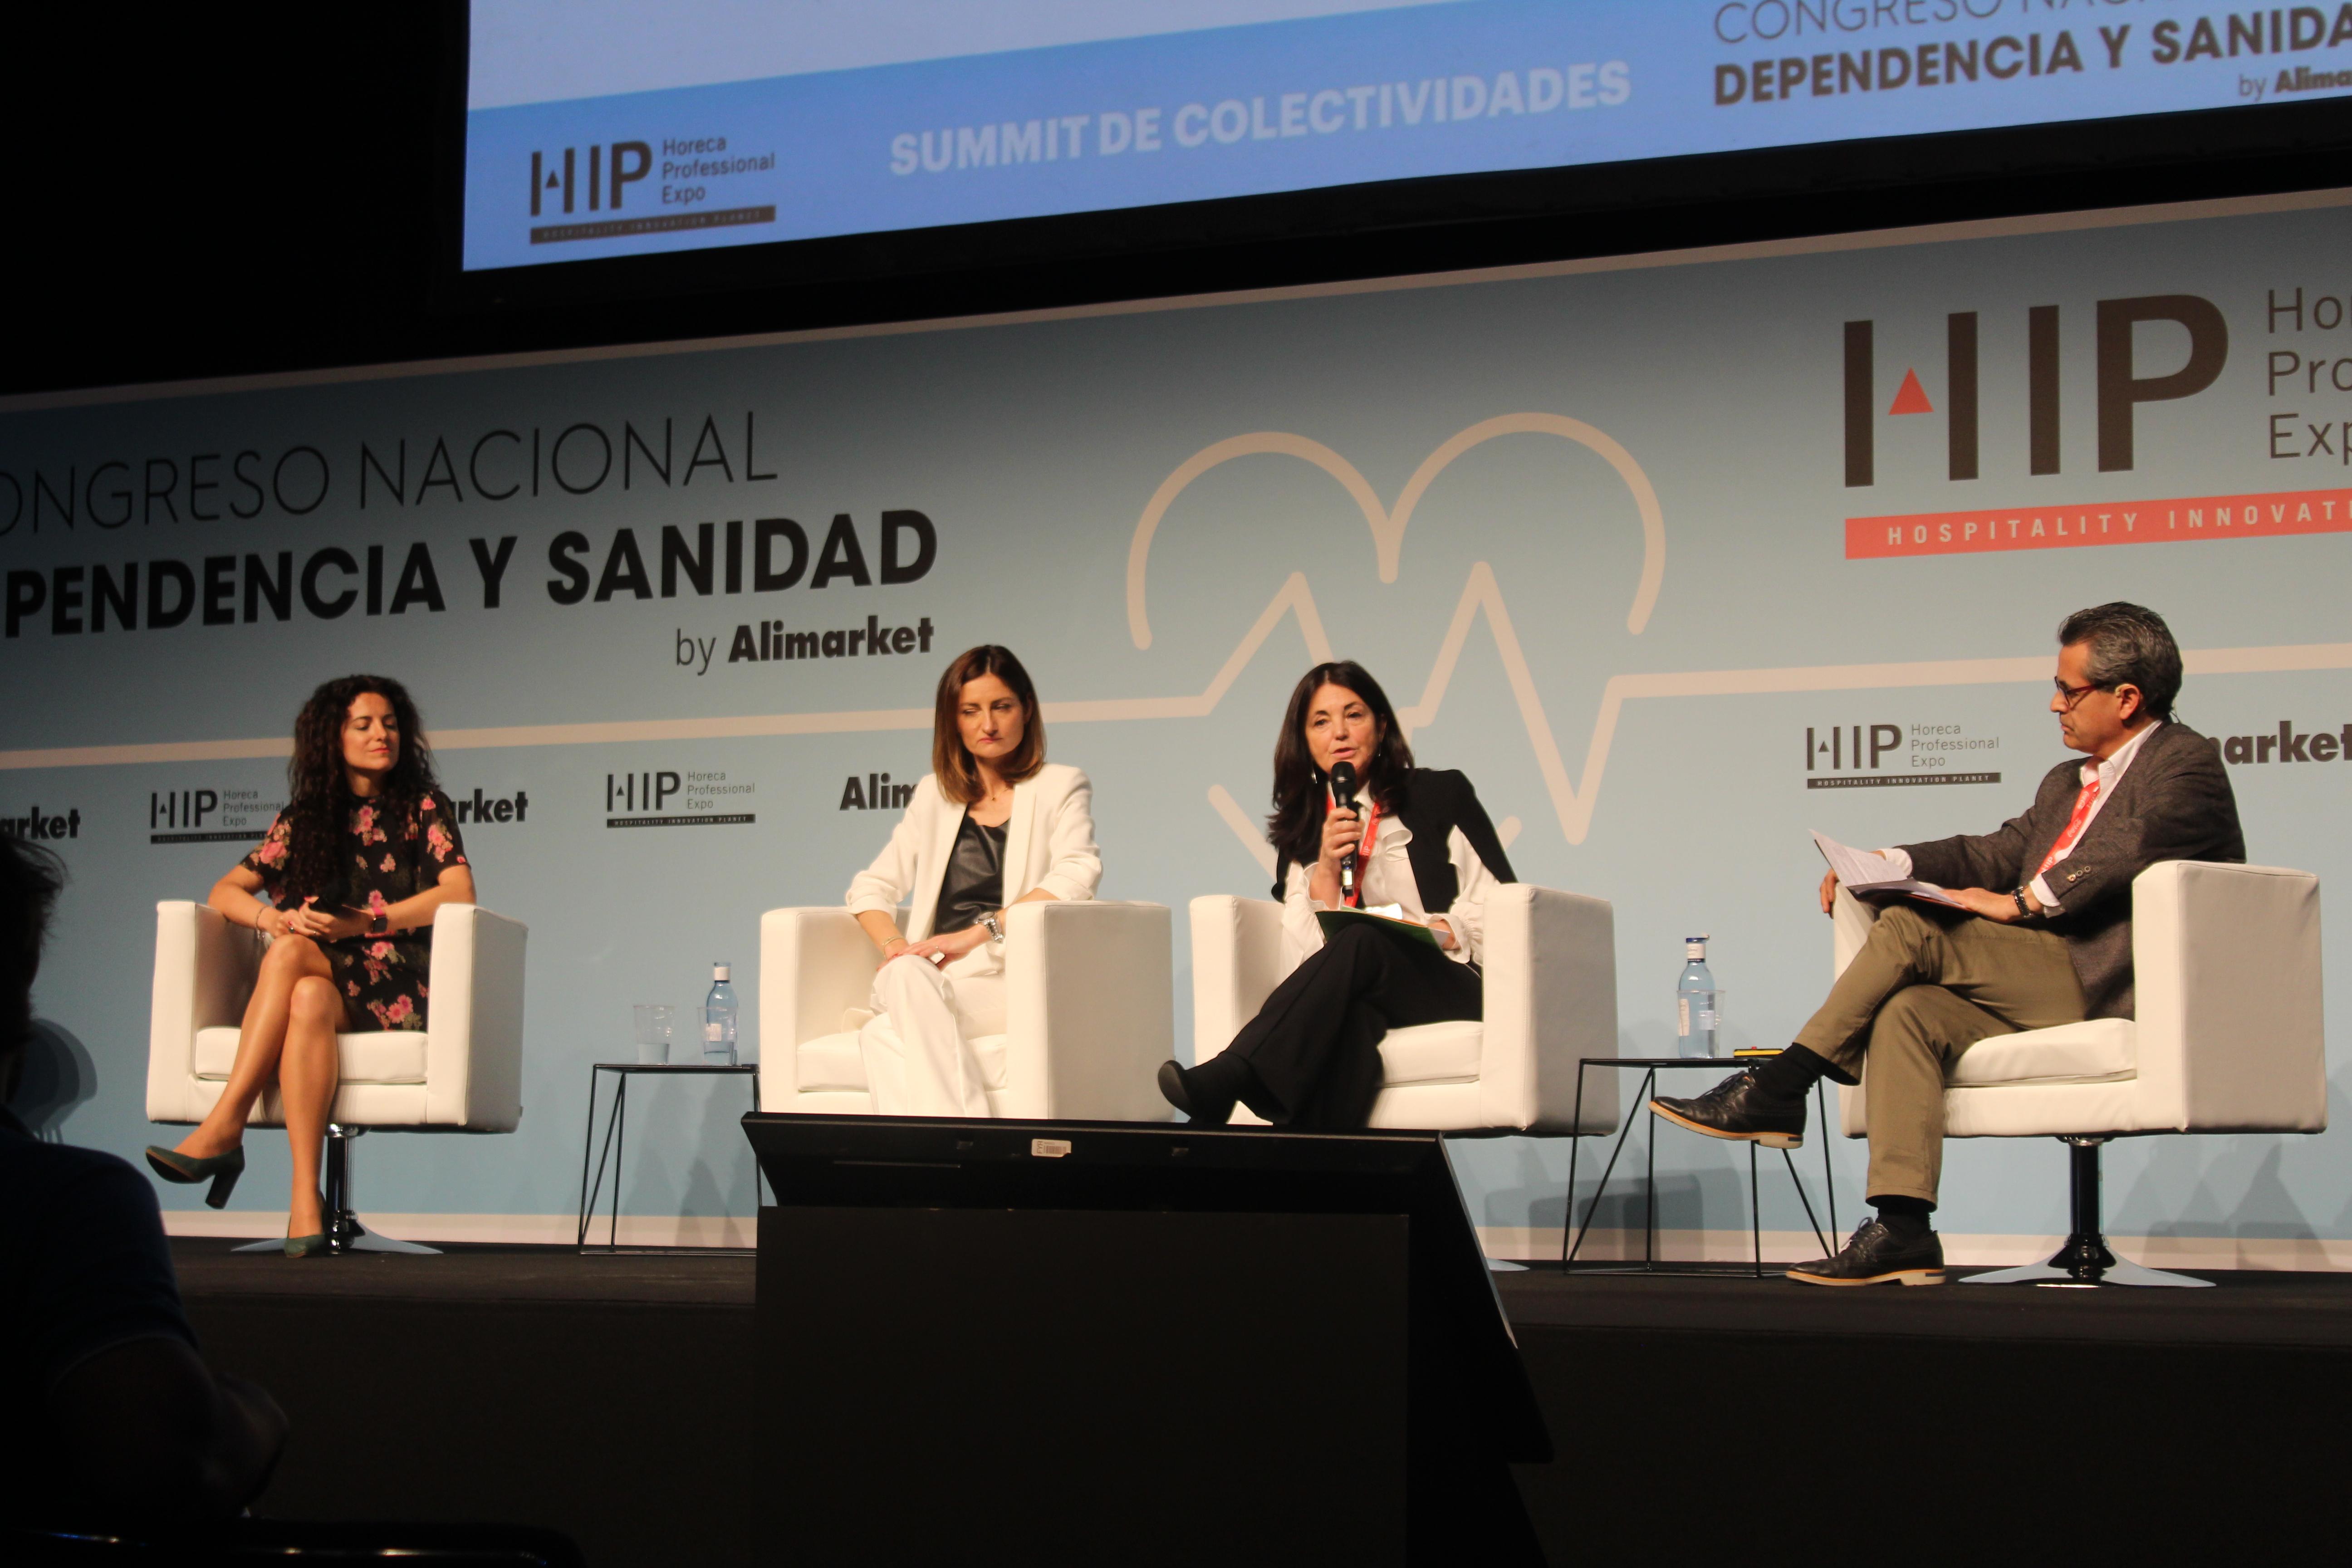 Nuevos modelos de convivencia geriátrica y análisis del mercado portugués